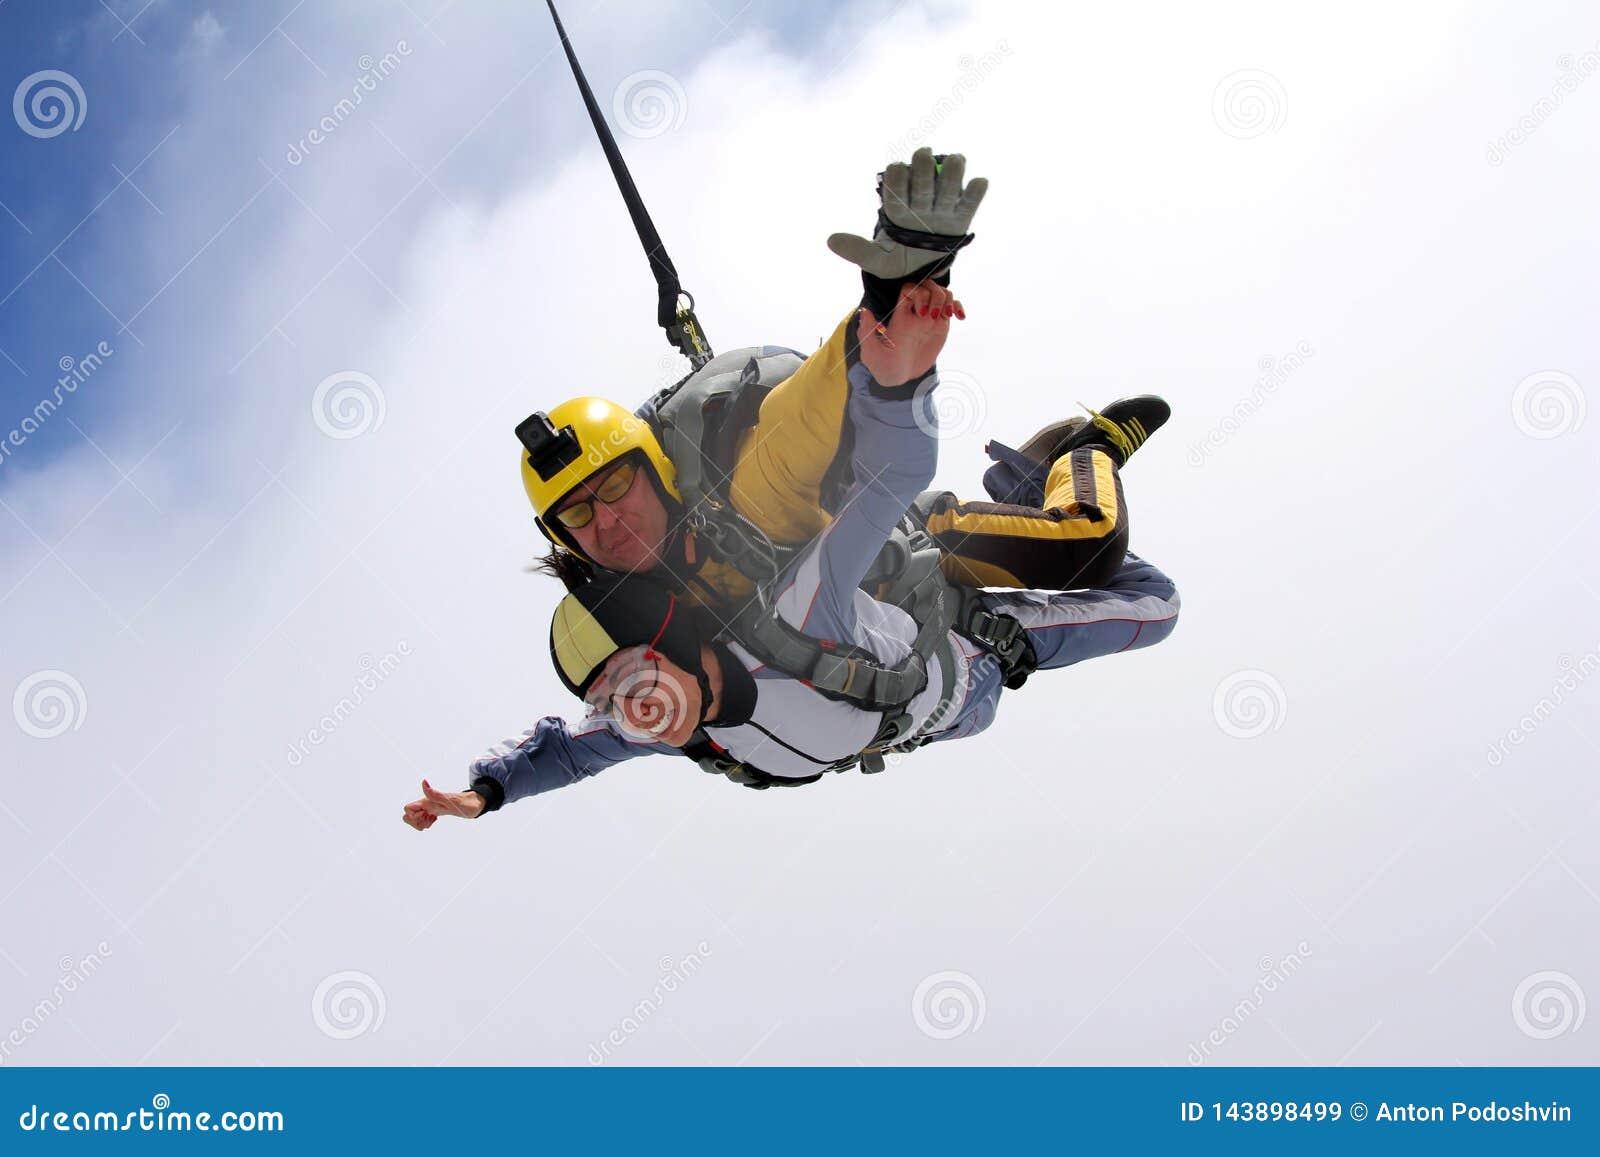 Saut tandem Parachutisme dans le ciel bleu